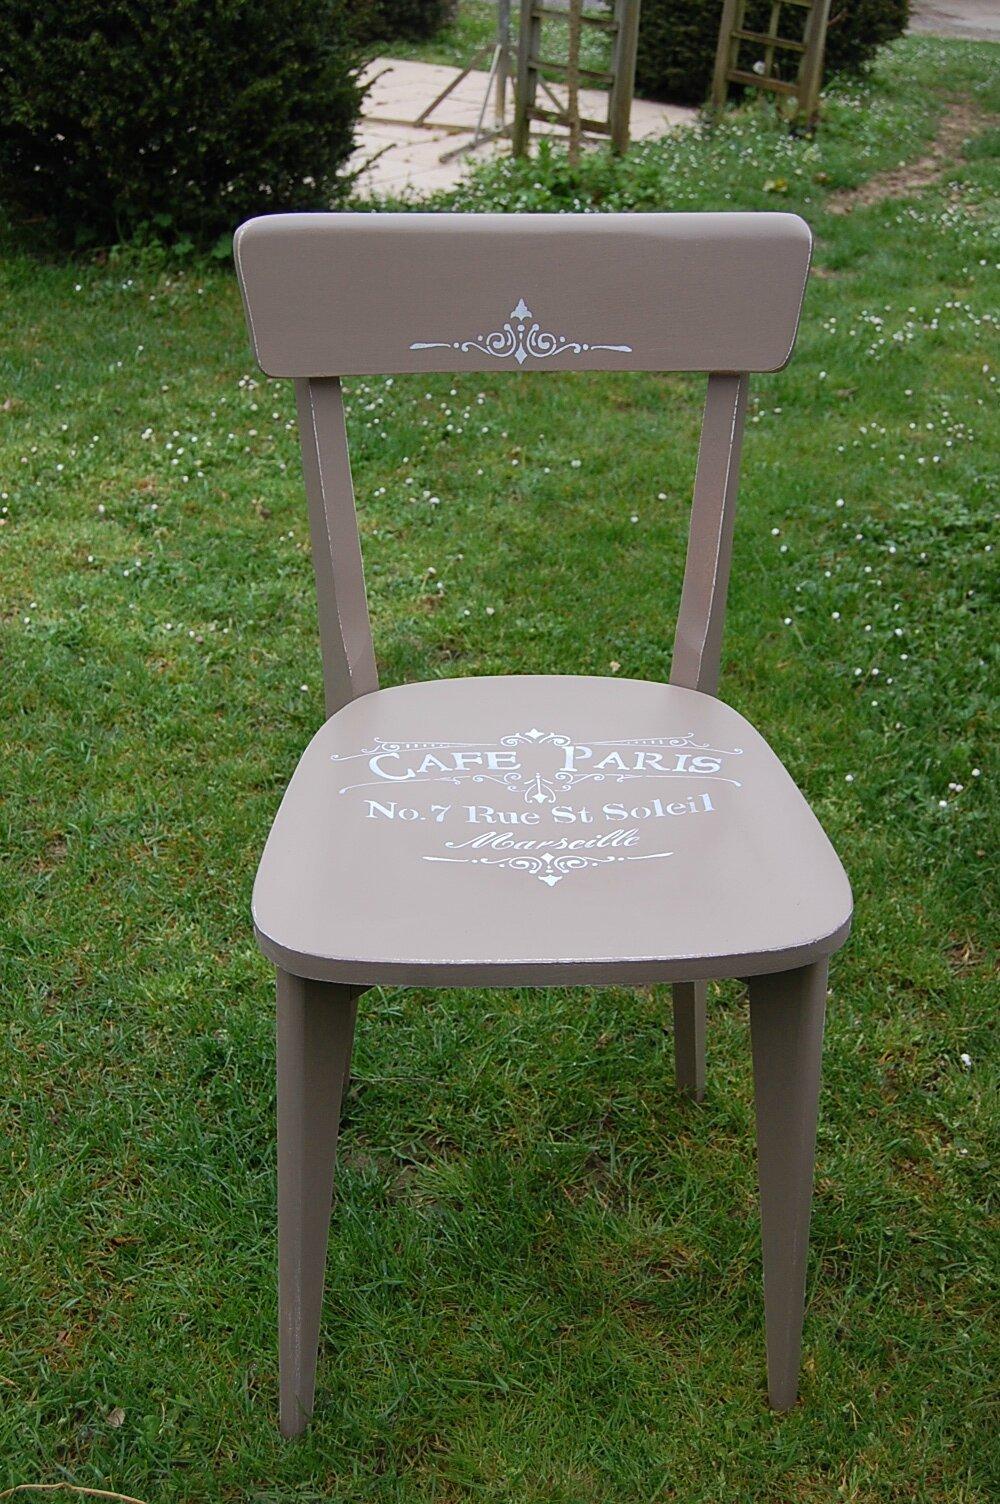 pochoirs tous les messages sur pochoirs bazz 39 art cr ation. Black Bedroom Furniture Sets. Home Design Ideas